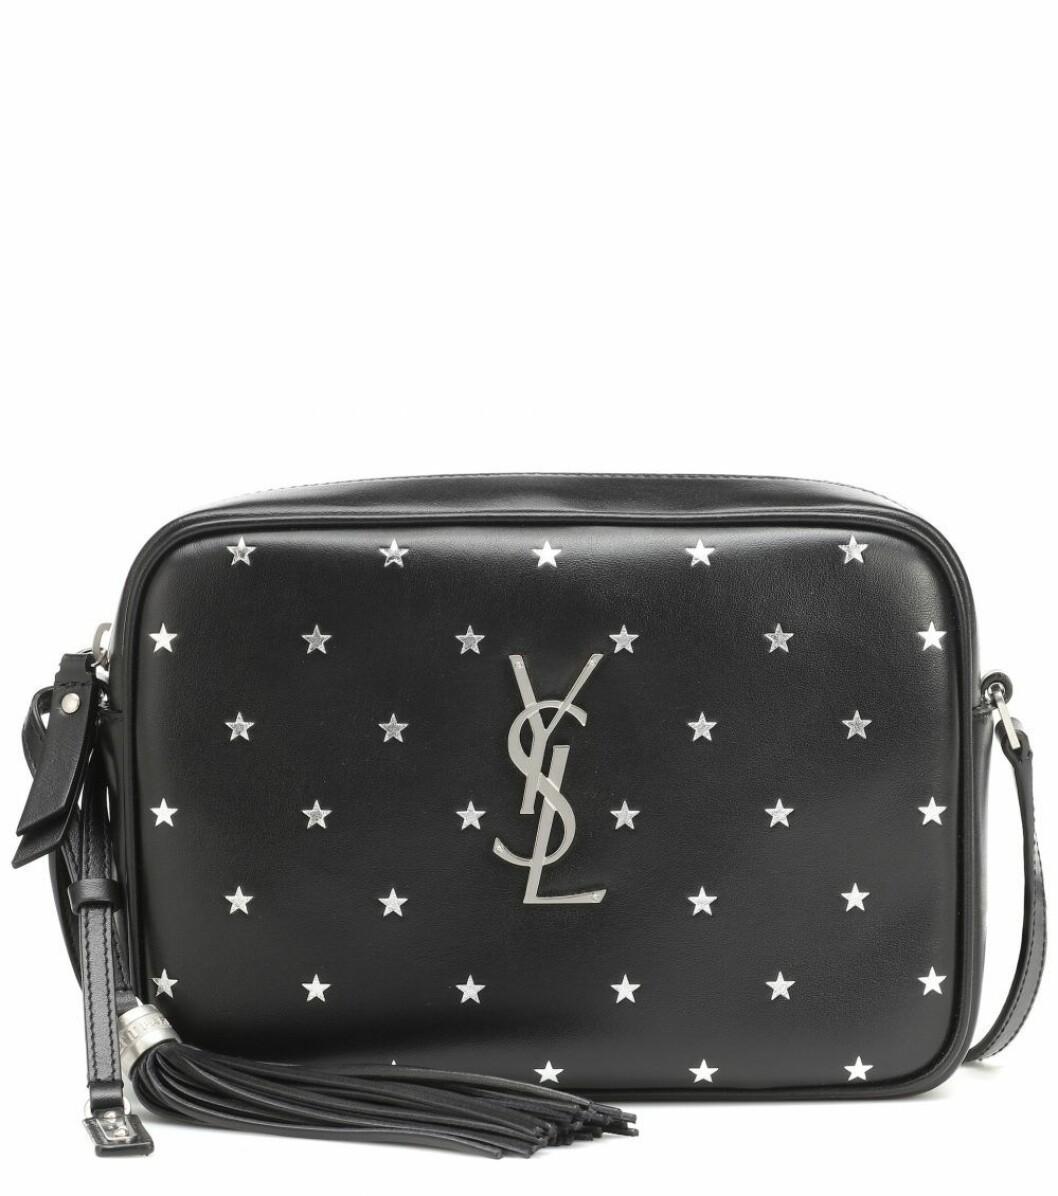 Svart väska med stjärndekoration från Saint Laurent.